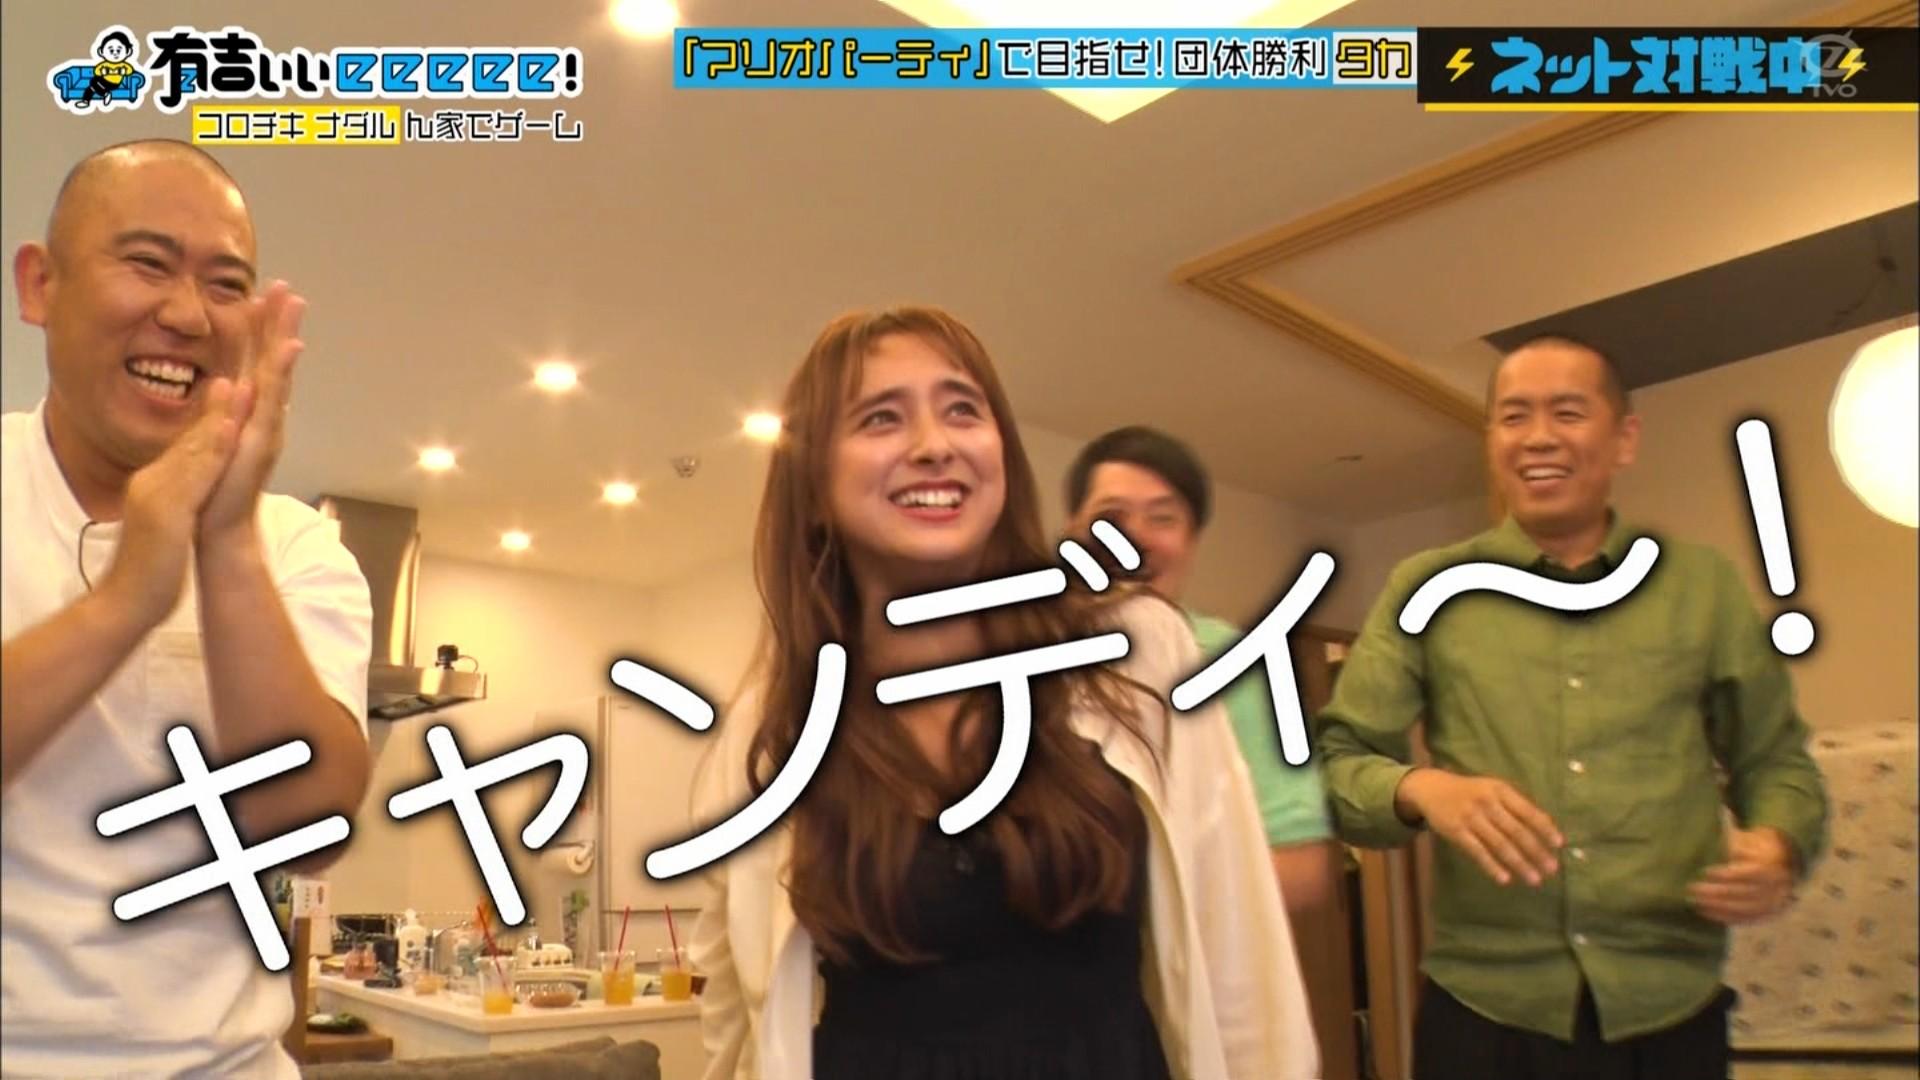 2019年7月7日「有吉ぃぃeeeee!~そうだ!今からお前んチでゲームしない?」のテレビキャプチャー画像-049